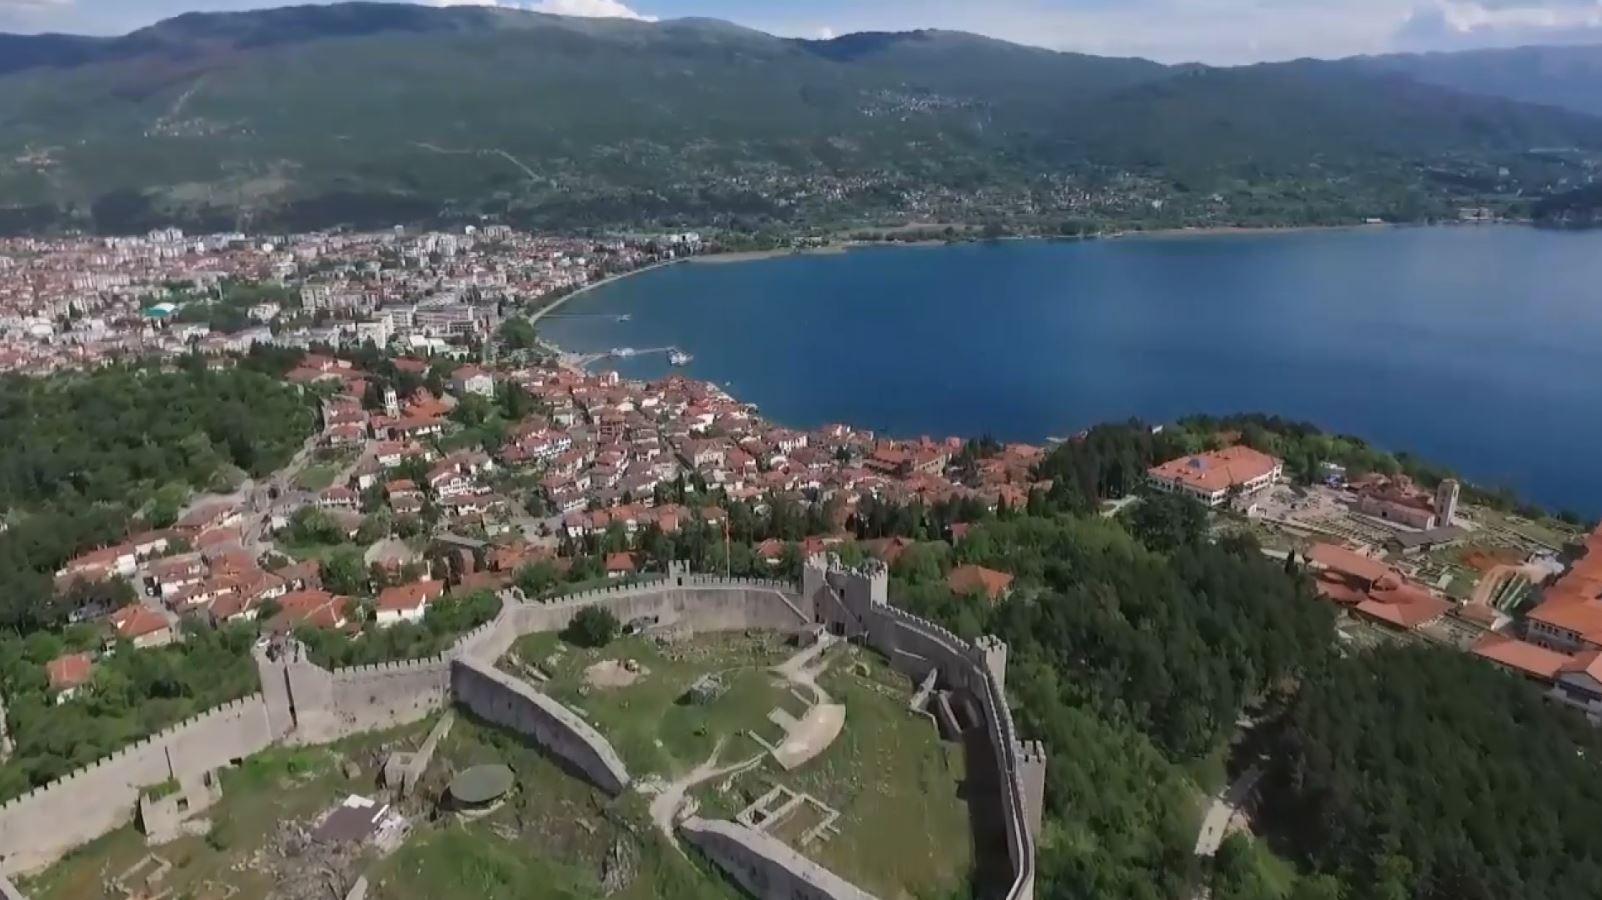 Η UNESCO προειδοποιεί τις αρχές της Οχρίδας για τις παράνομες κατασκευές